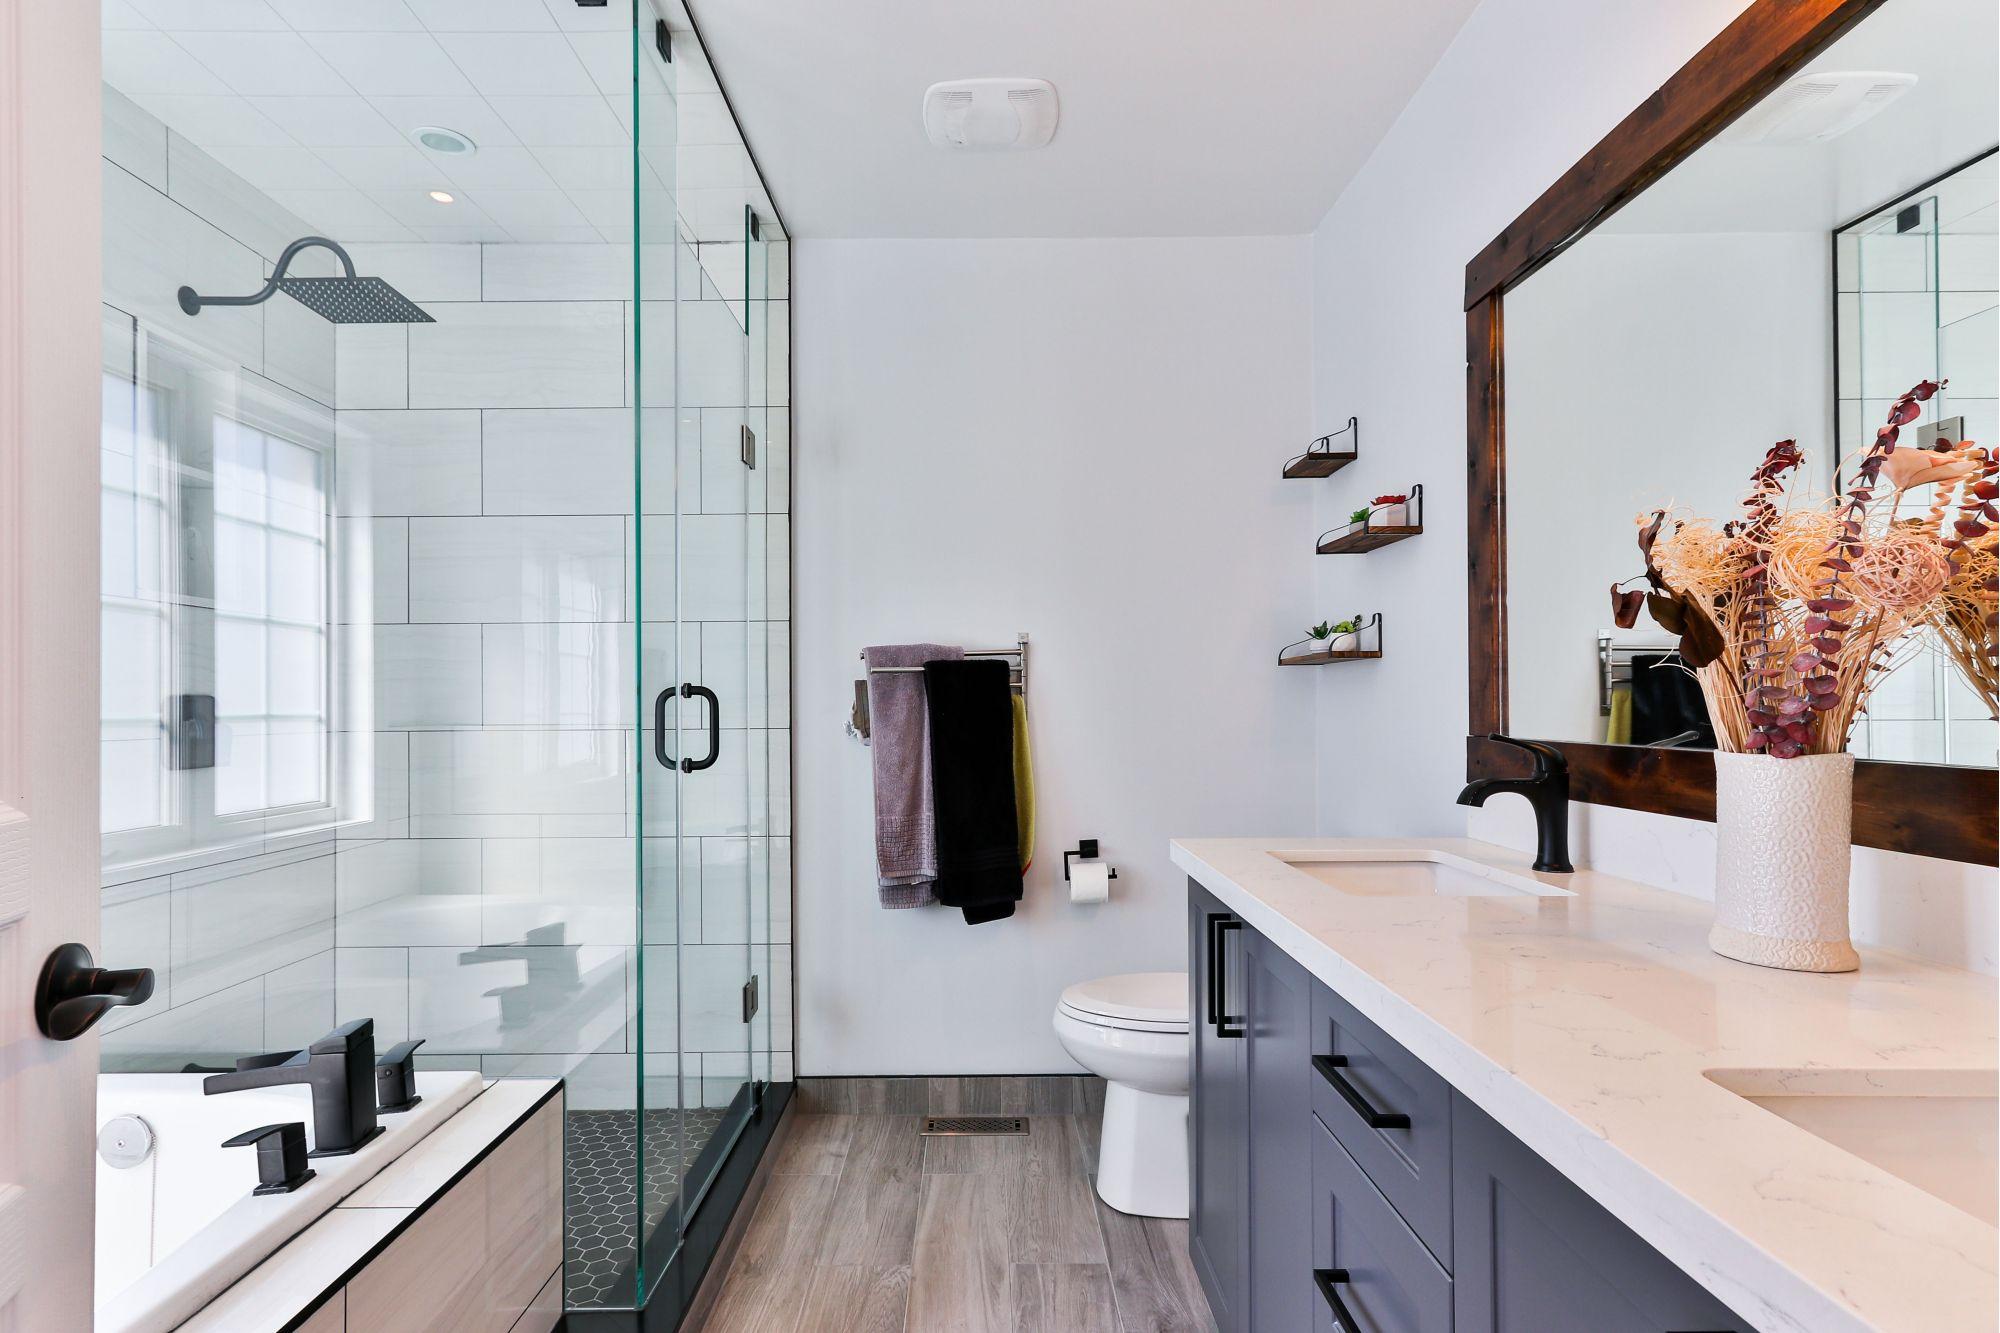 progettazione impianti bagno